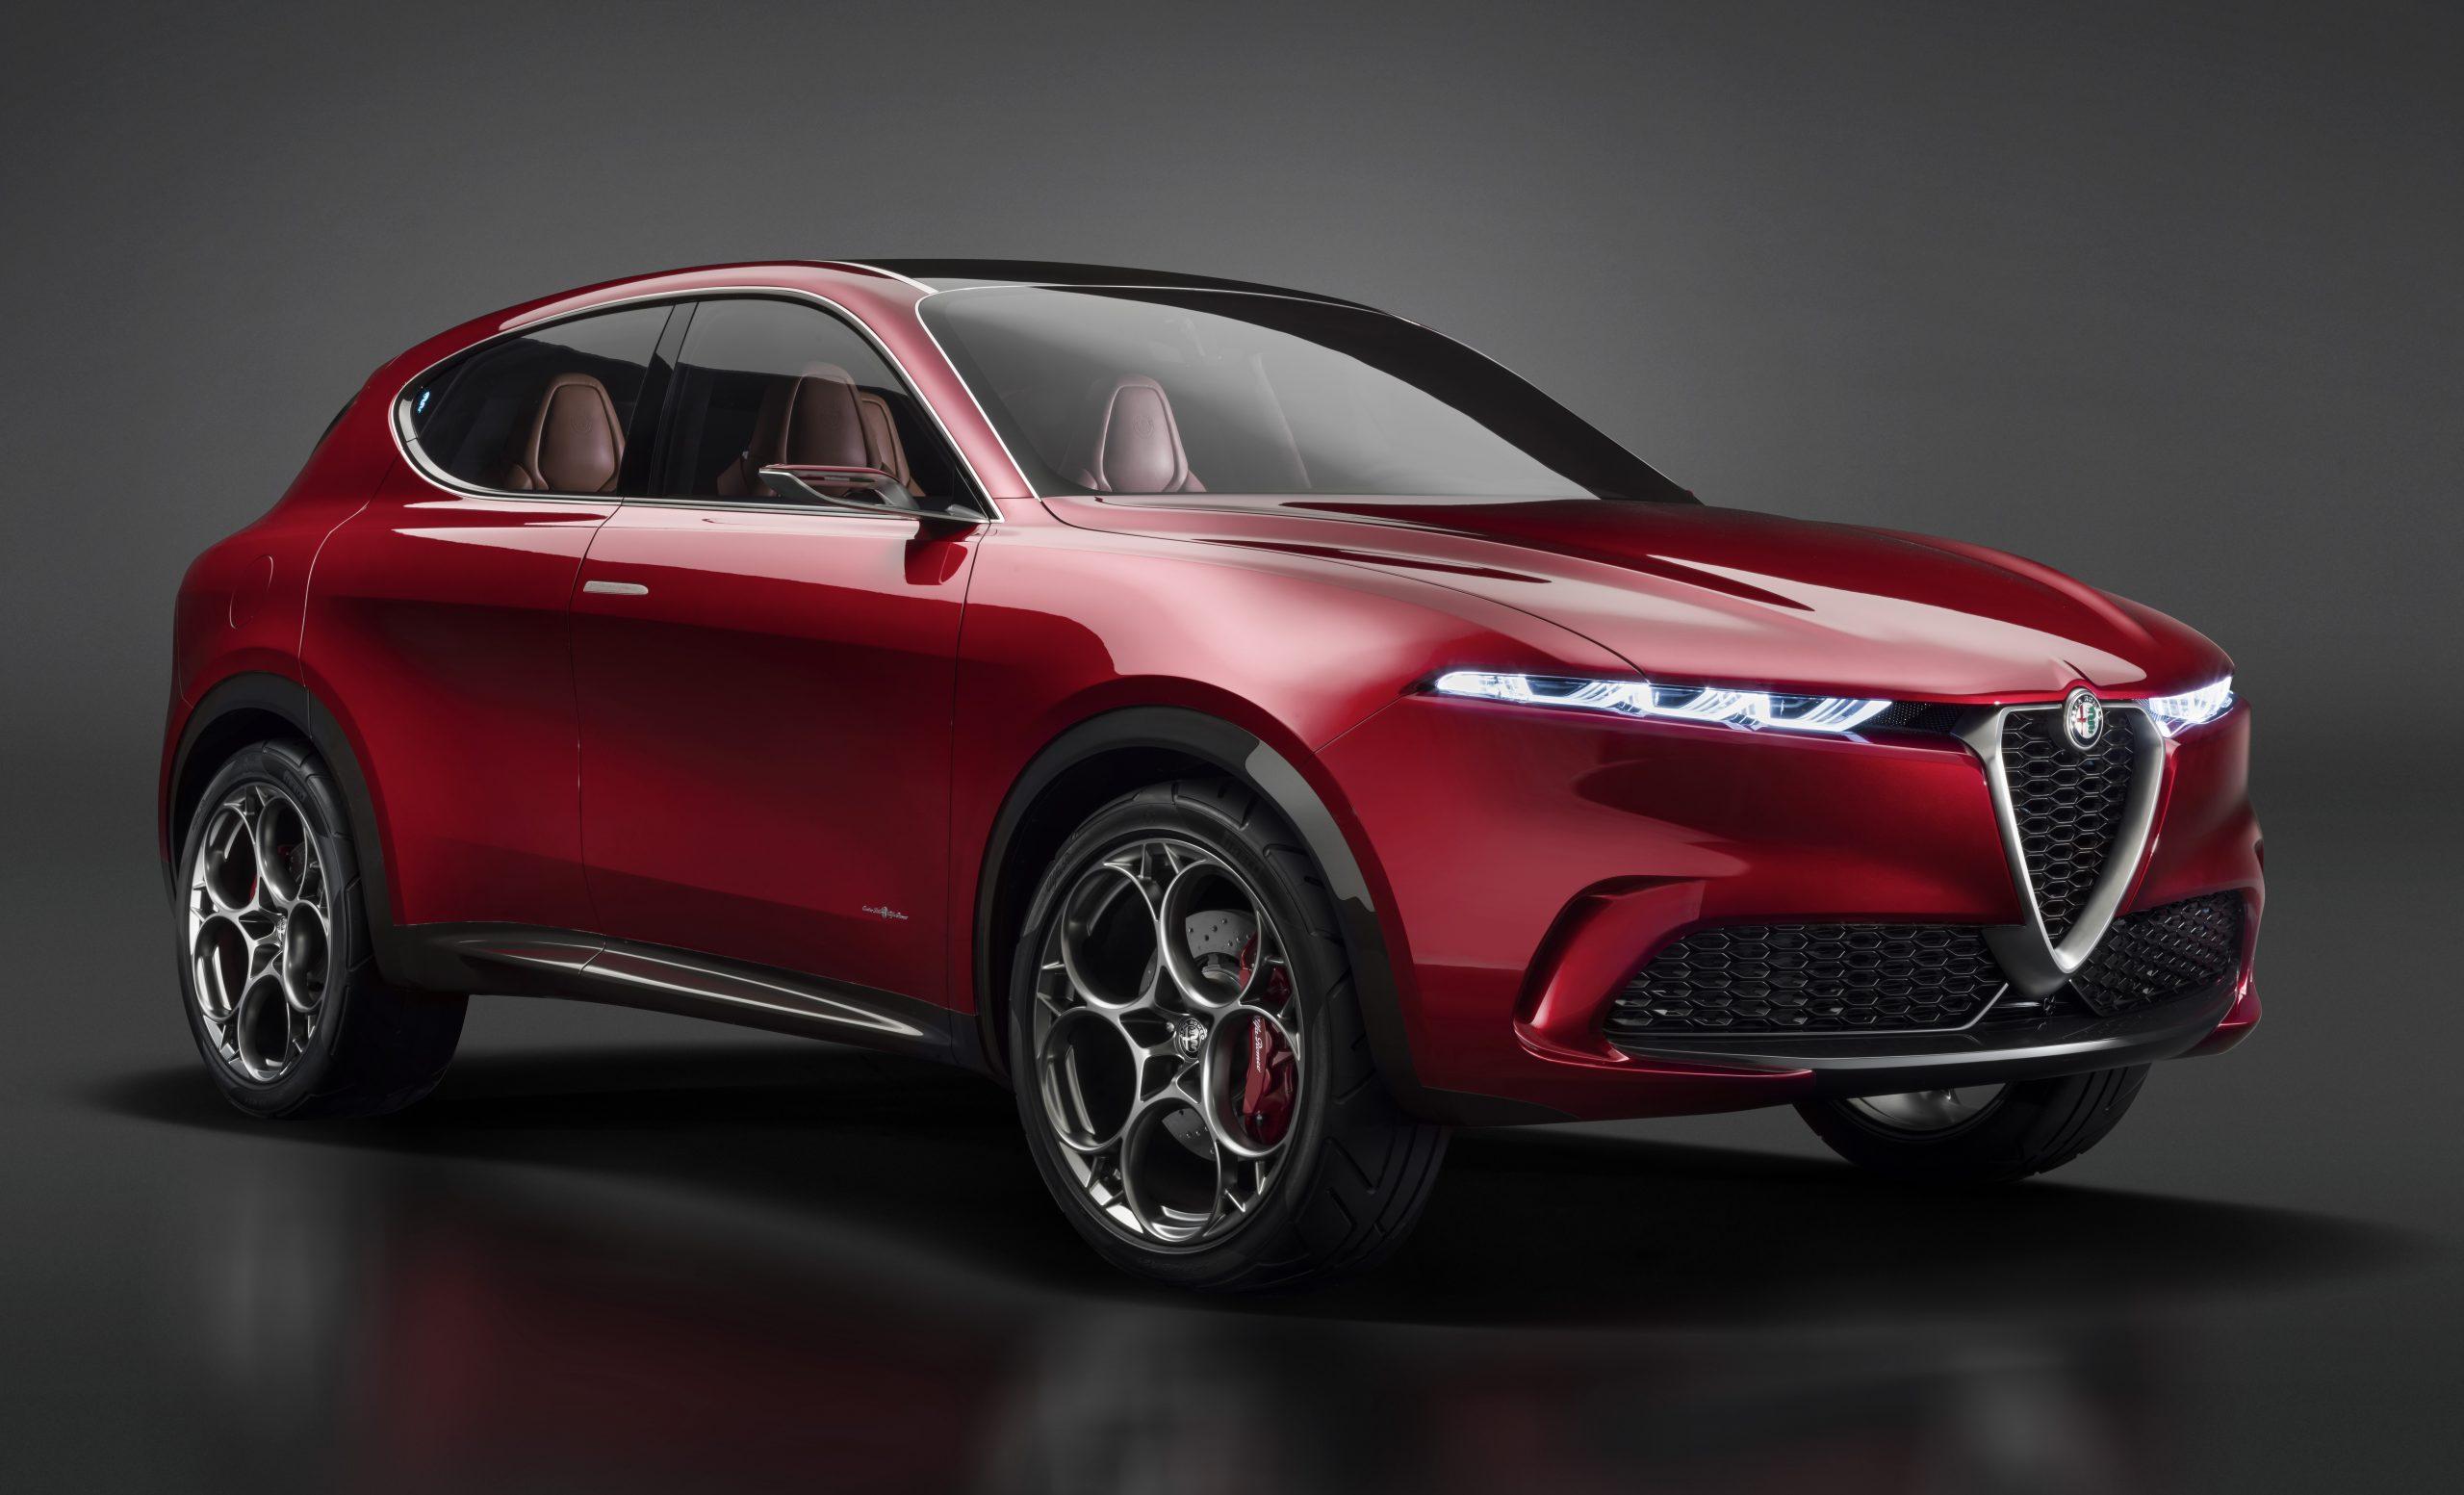 De Alfa Romeo Tonale wint de stem van de lezers van WhatCar? bij de 2021 Awards van het Britse tijdschrift